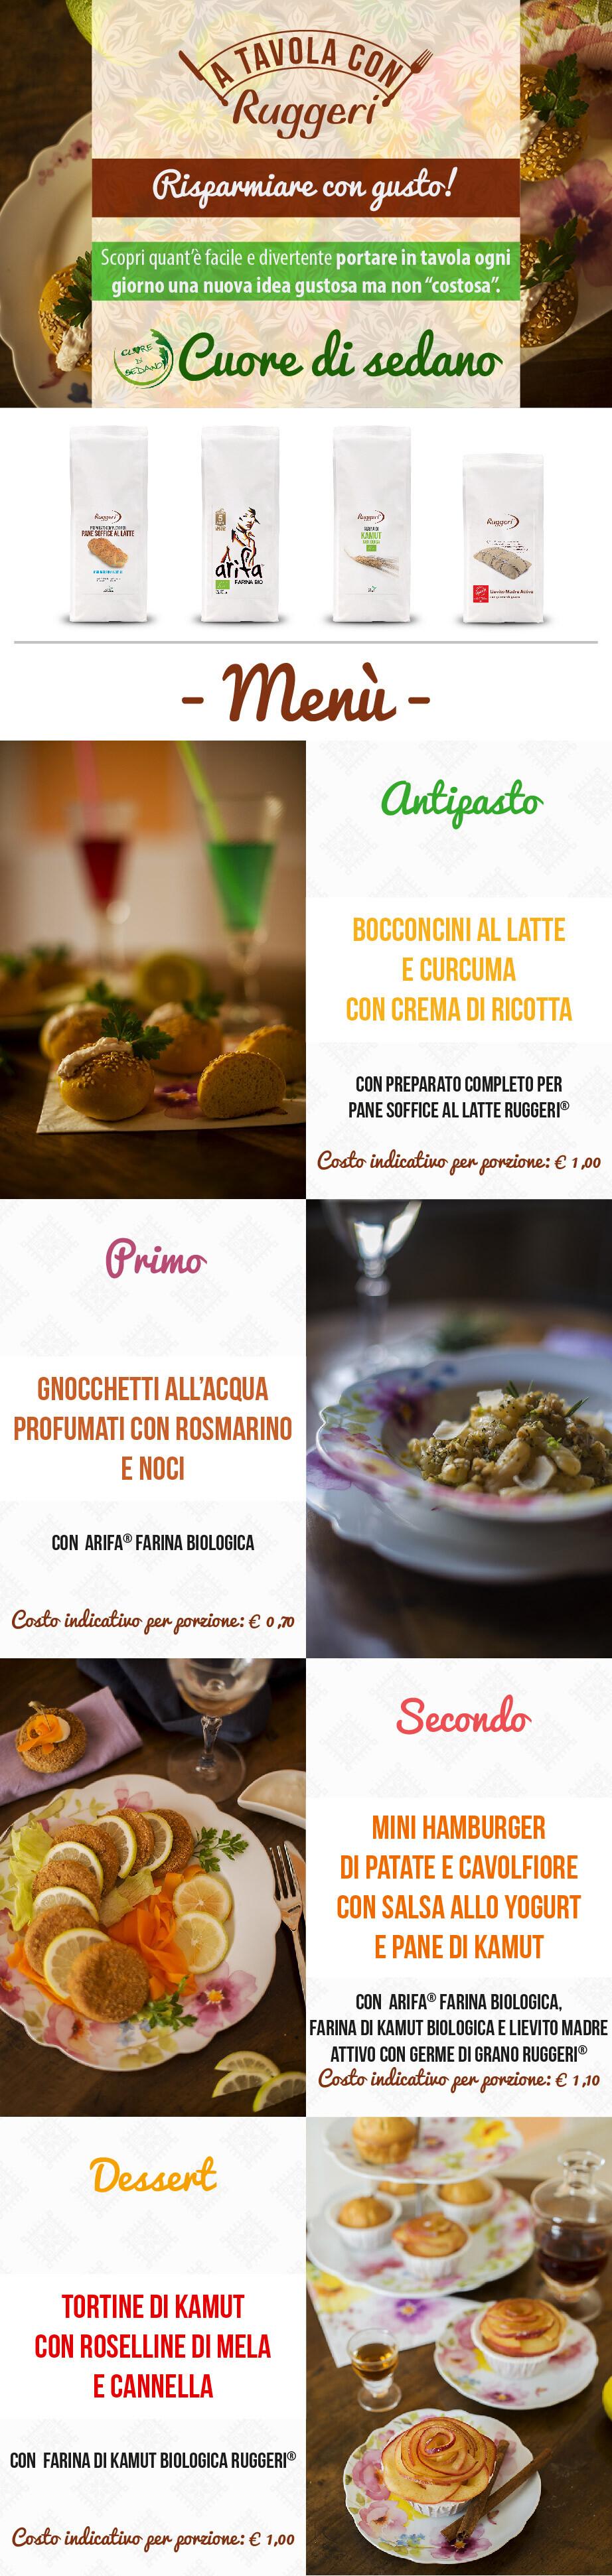 A tavola con Ruggeri - Made with Cuore di Sedano